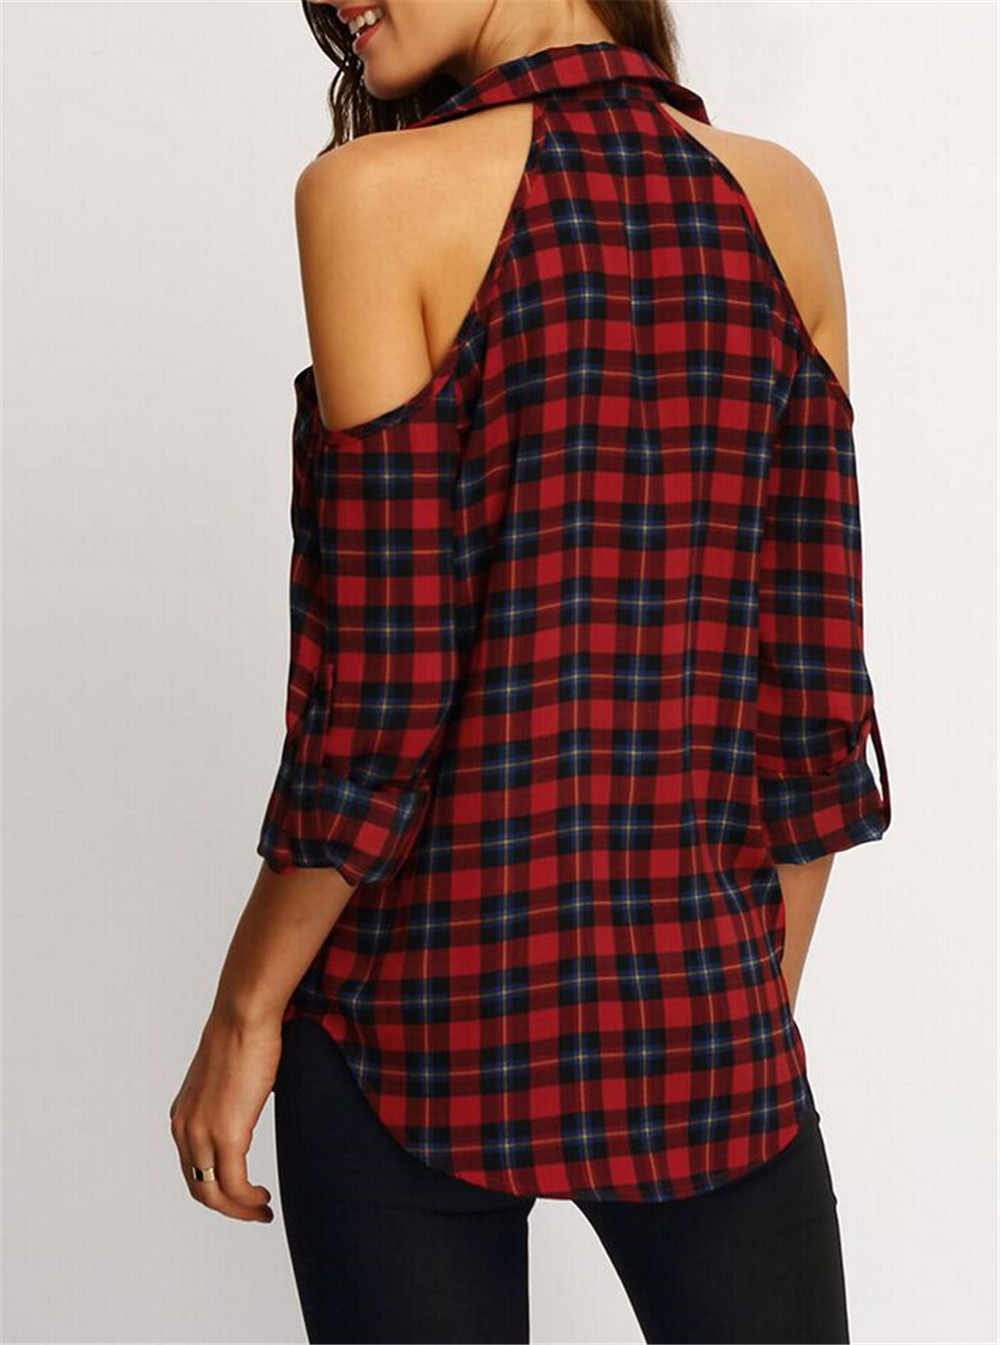 ฤดูร้อนผู้หญิงลายสก๊อตเสื้อเสื้อนอกแขนยาวเสื้อลำลองเสื้อหลวมเสื้อสไตล์หญิงเย็นไหล่เสื้อ